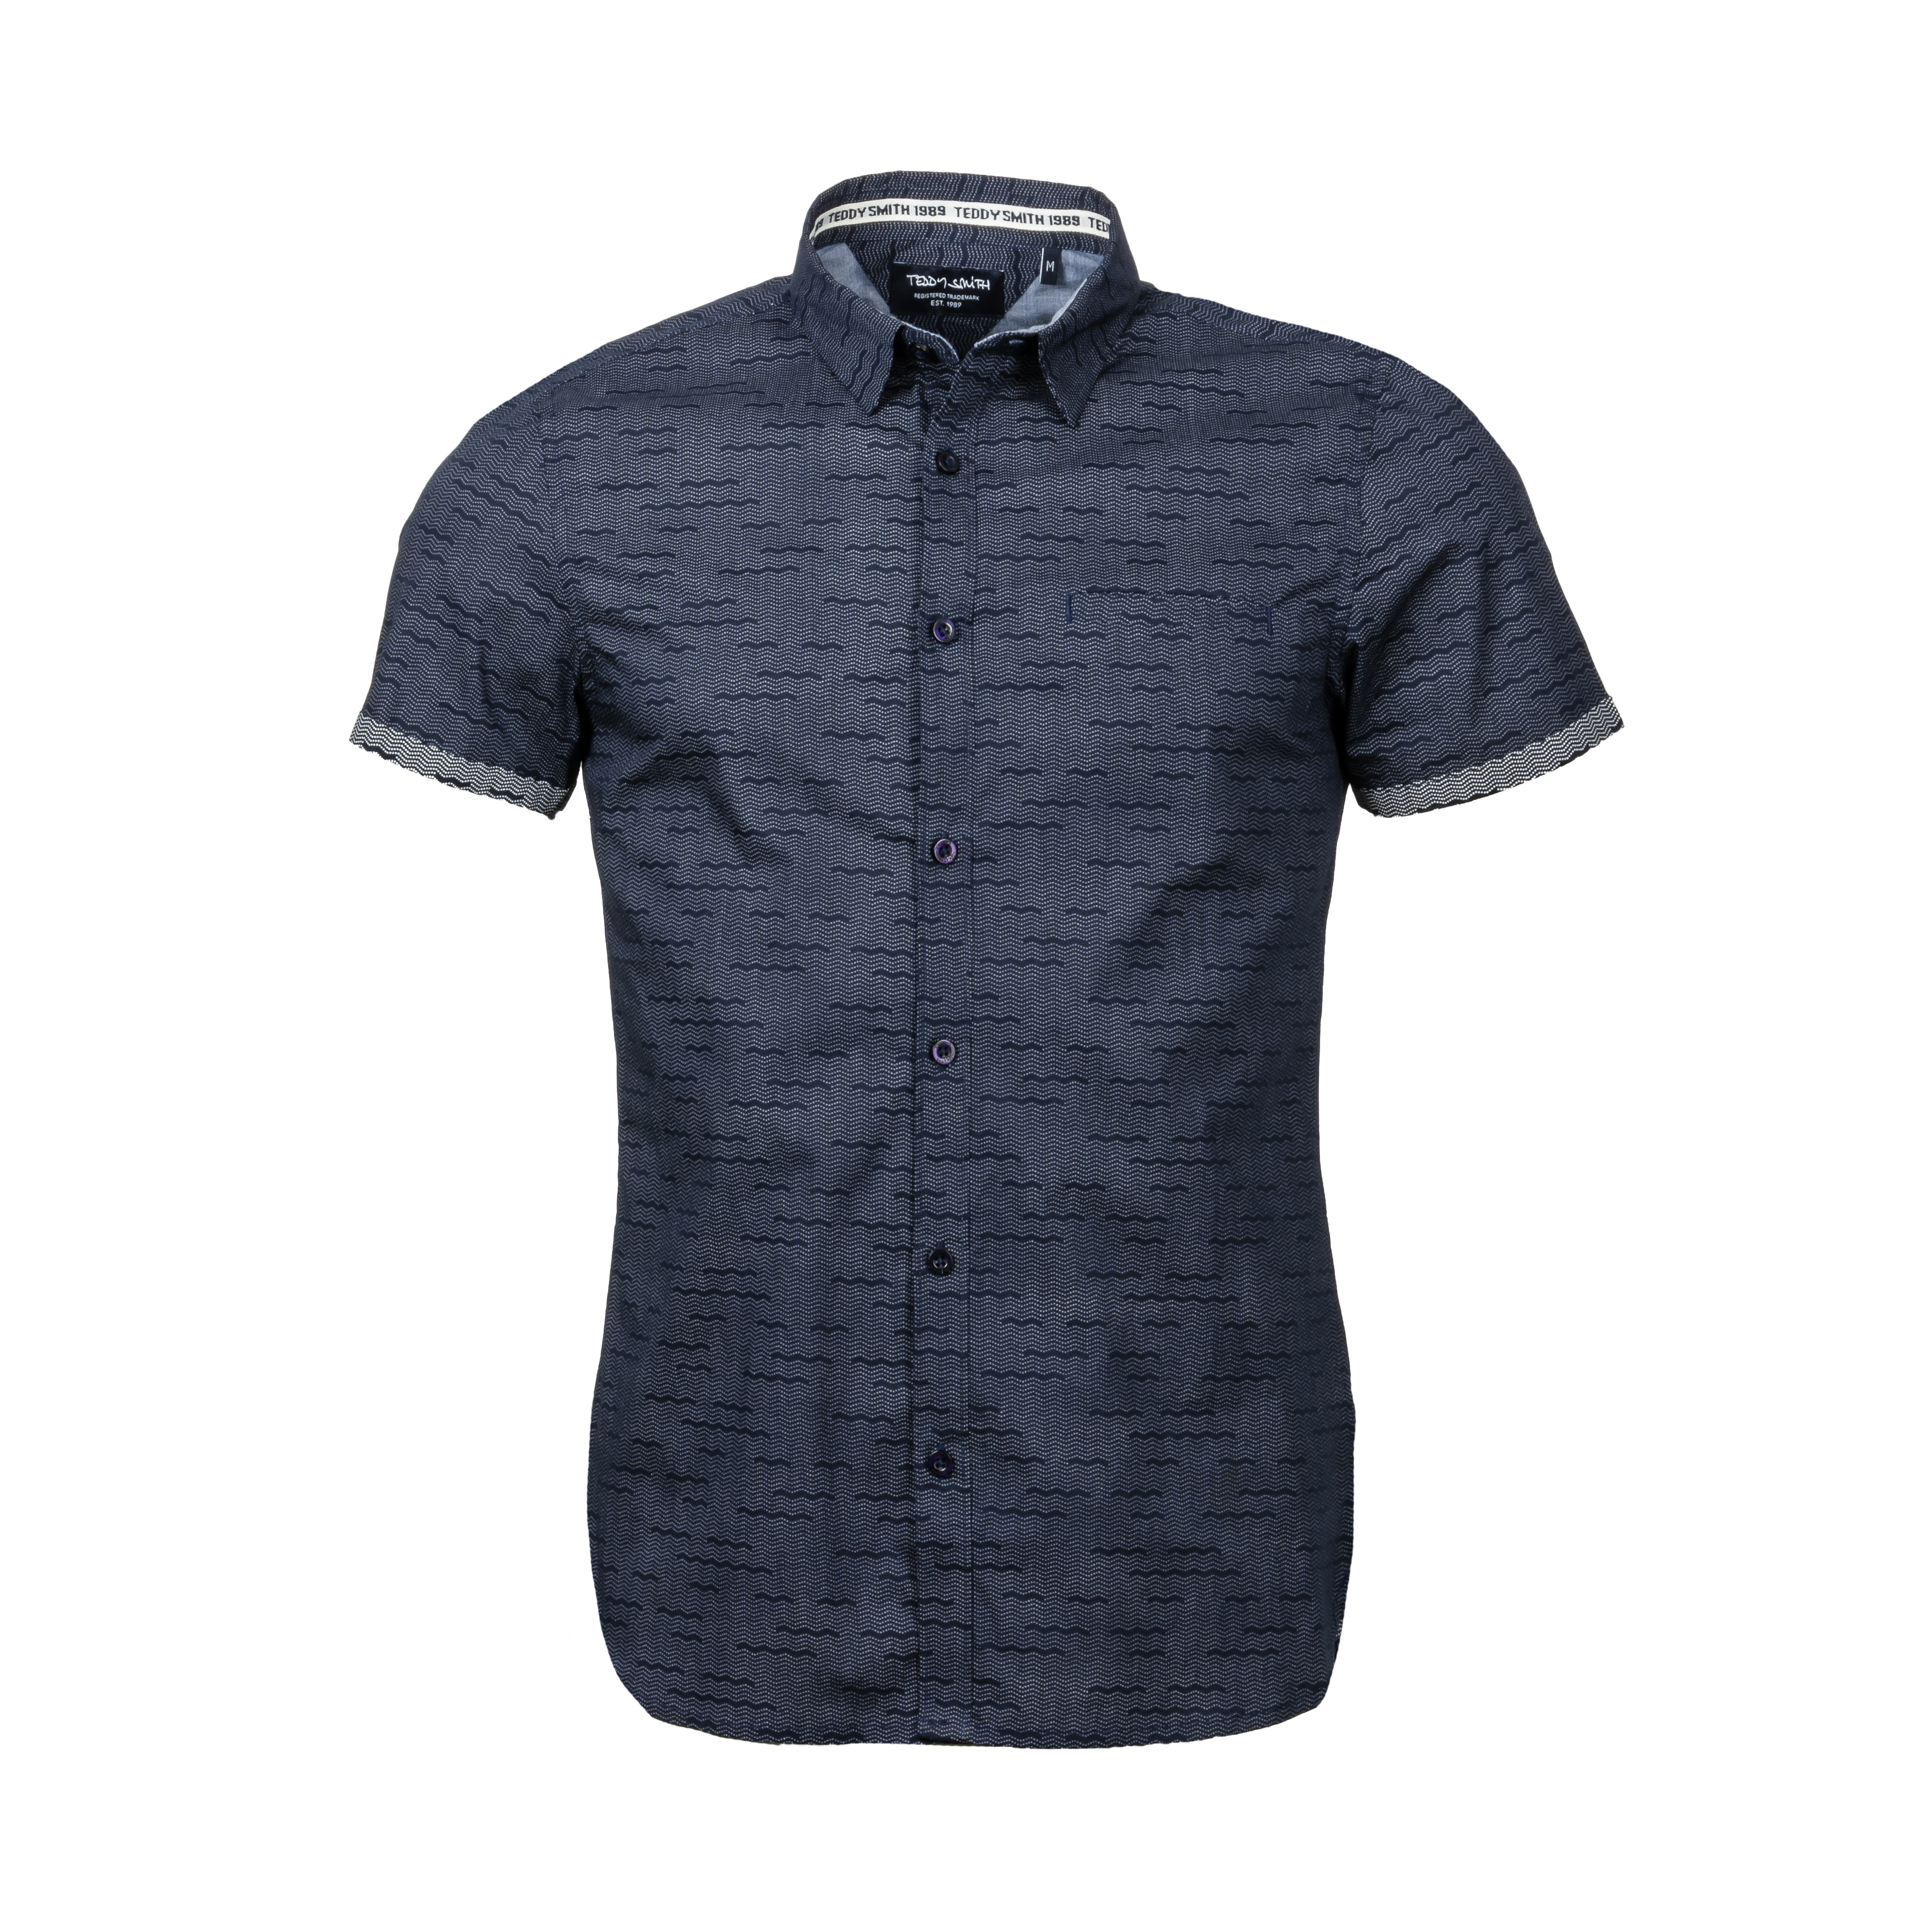 Chemise manches courtes ajustée  cut en coton bleu marine à micros motifs blancs